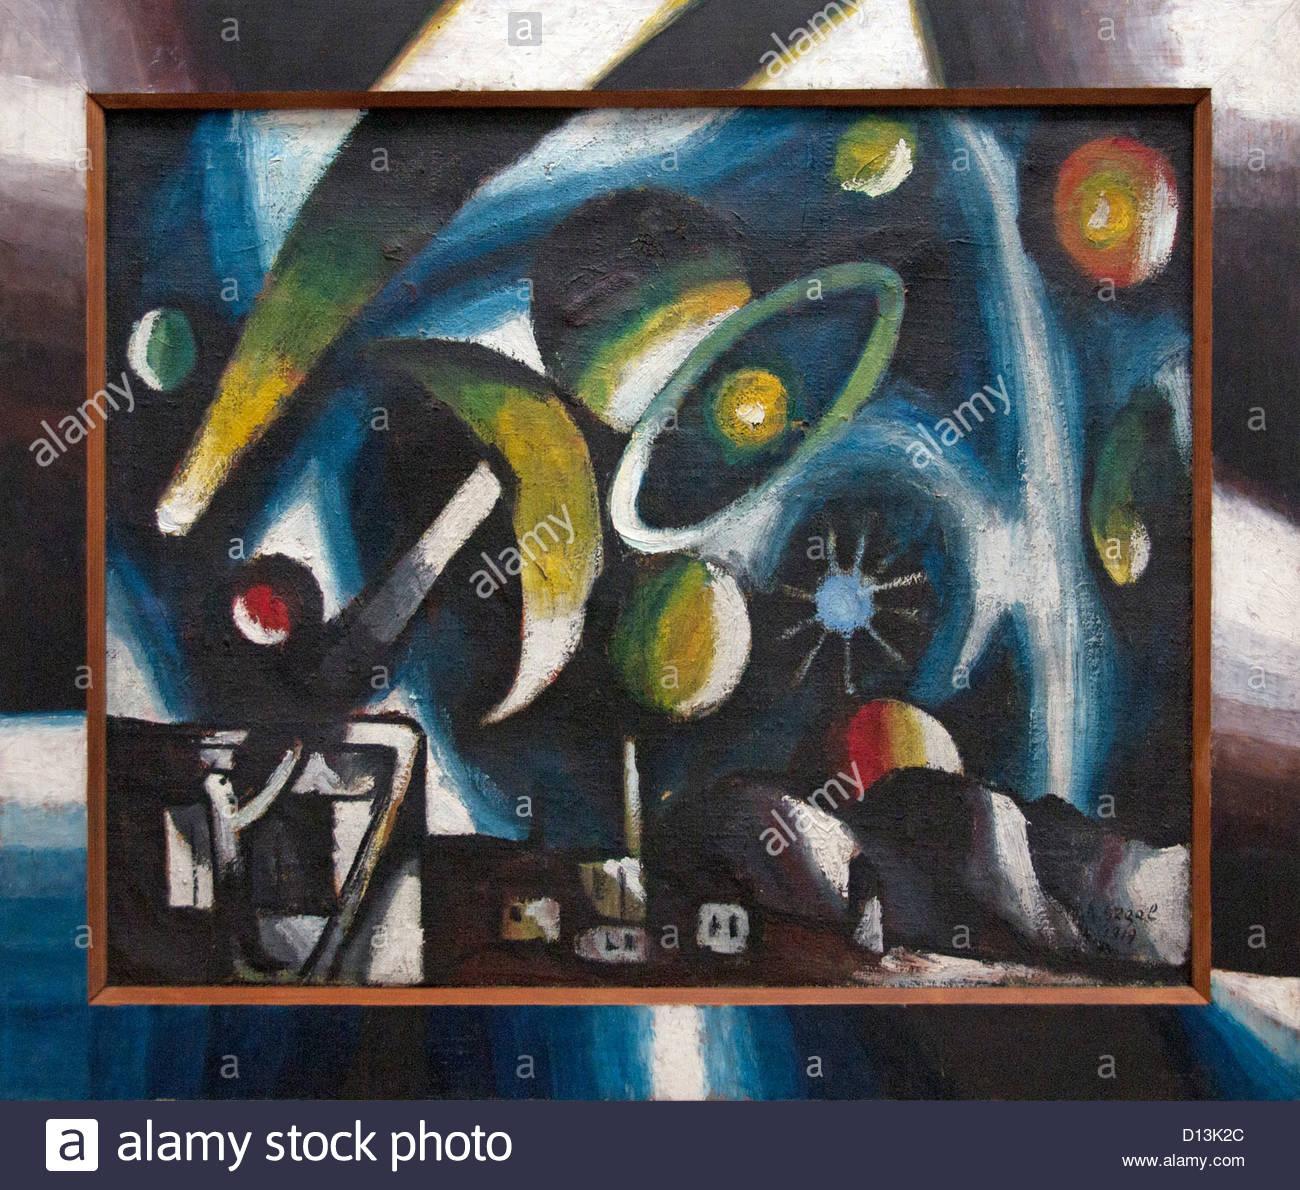 El astrónomo / Ciclo de trabajo 1919 Arthur Segal rumana Rumania Imagen De Stock